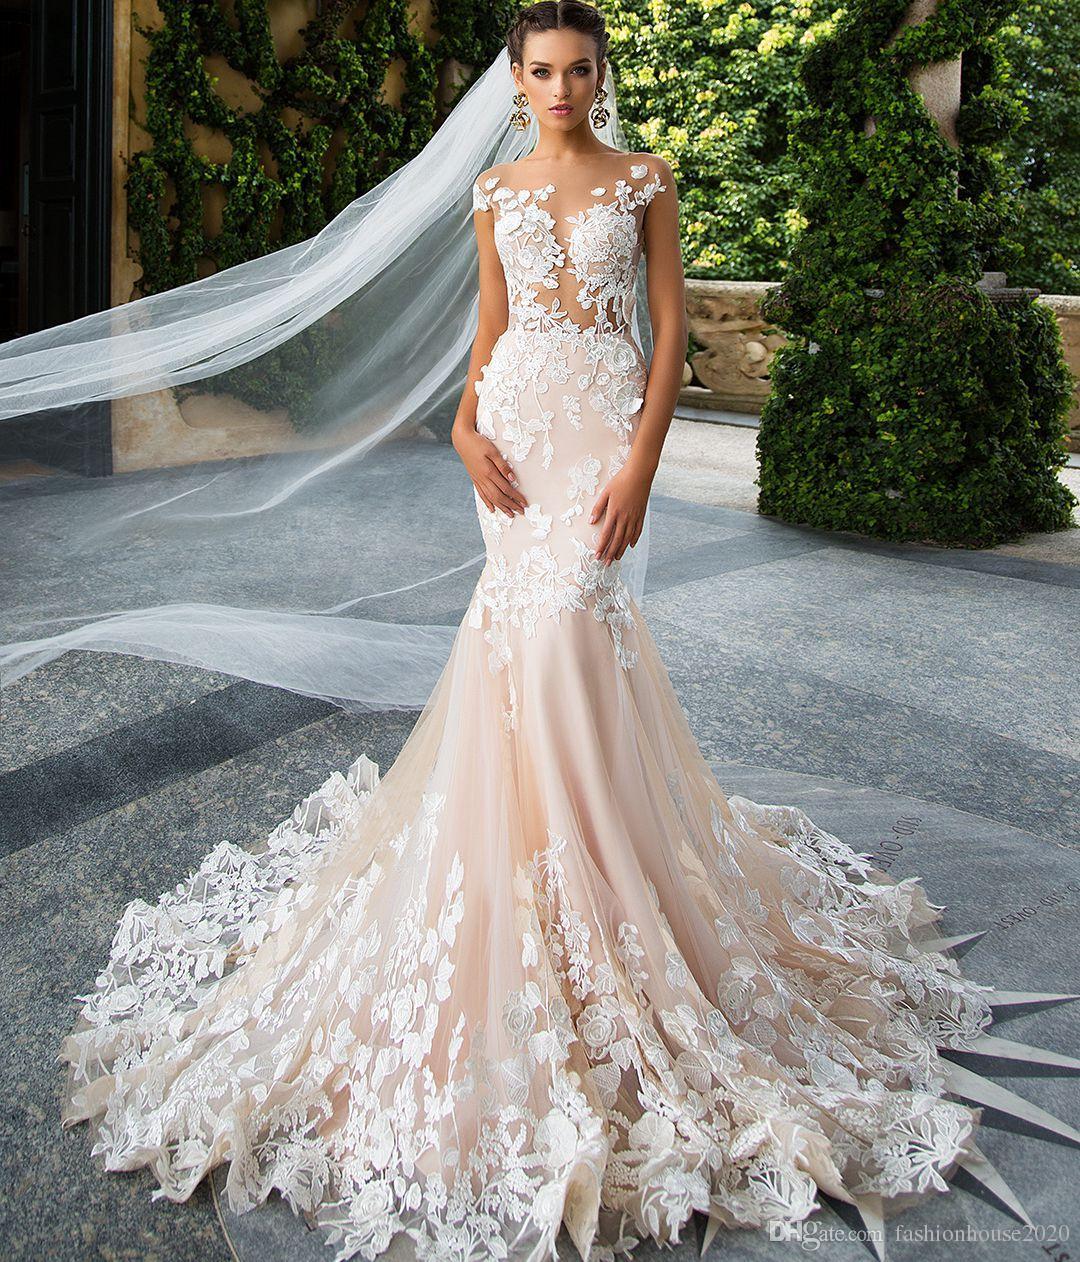 61e49d502a Champagne Lace sirena vestidos de novia más el tamaño 3D-Floral Appliques  Sexy Sheer Backless vestido de novia Beach Vestidos de novia diseño  personalizado